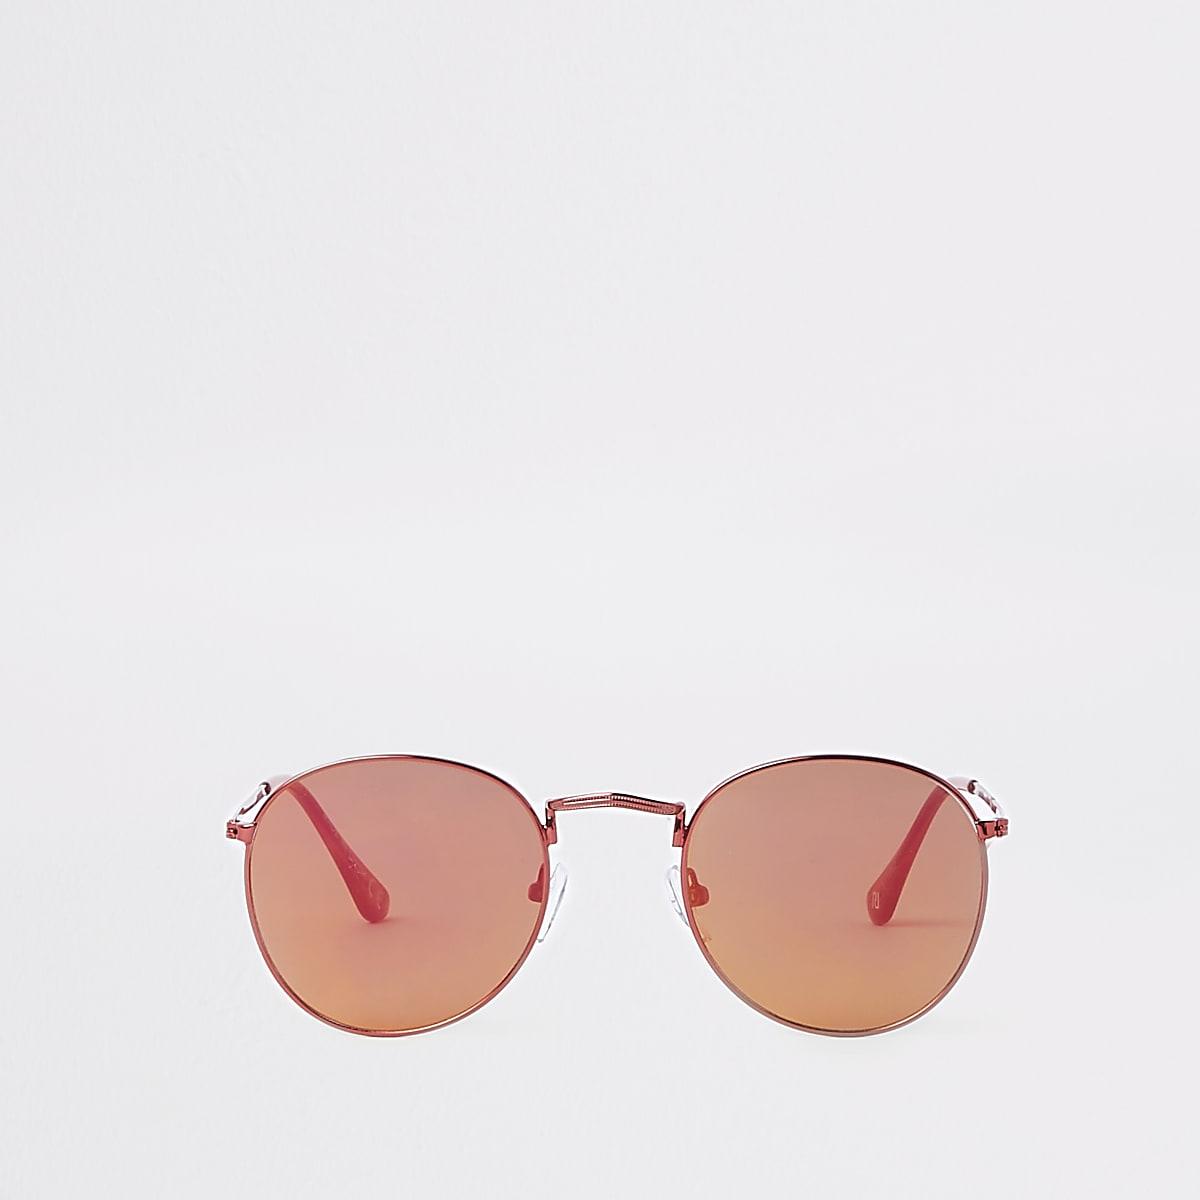 Zonnebril Met Ronde Glazen.Red Revo Round Sunglasses